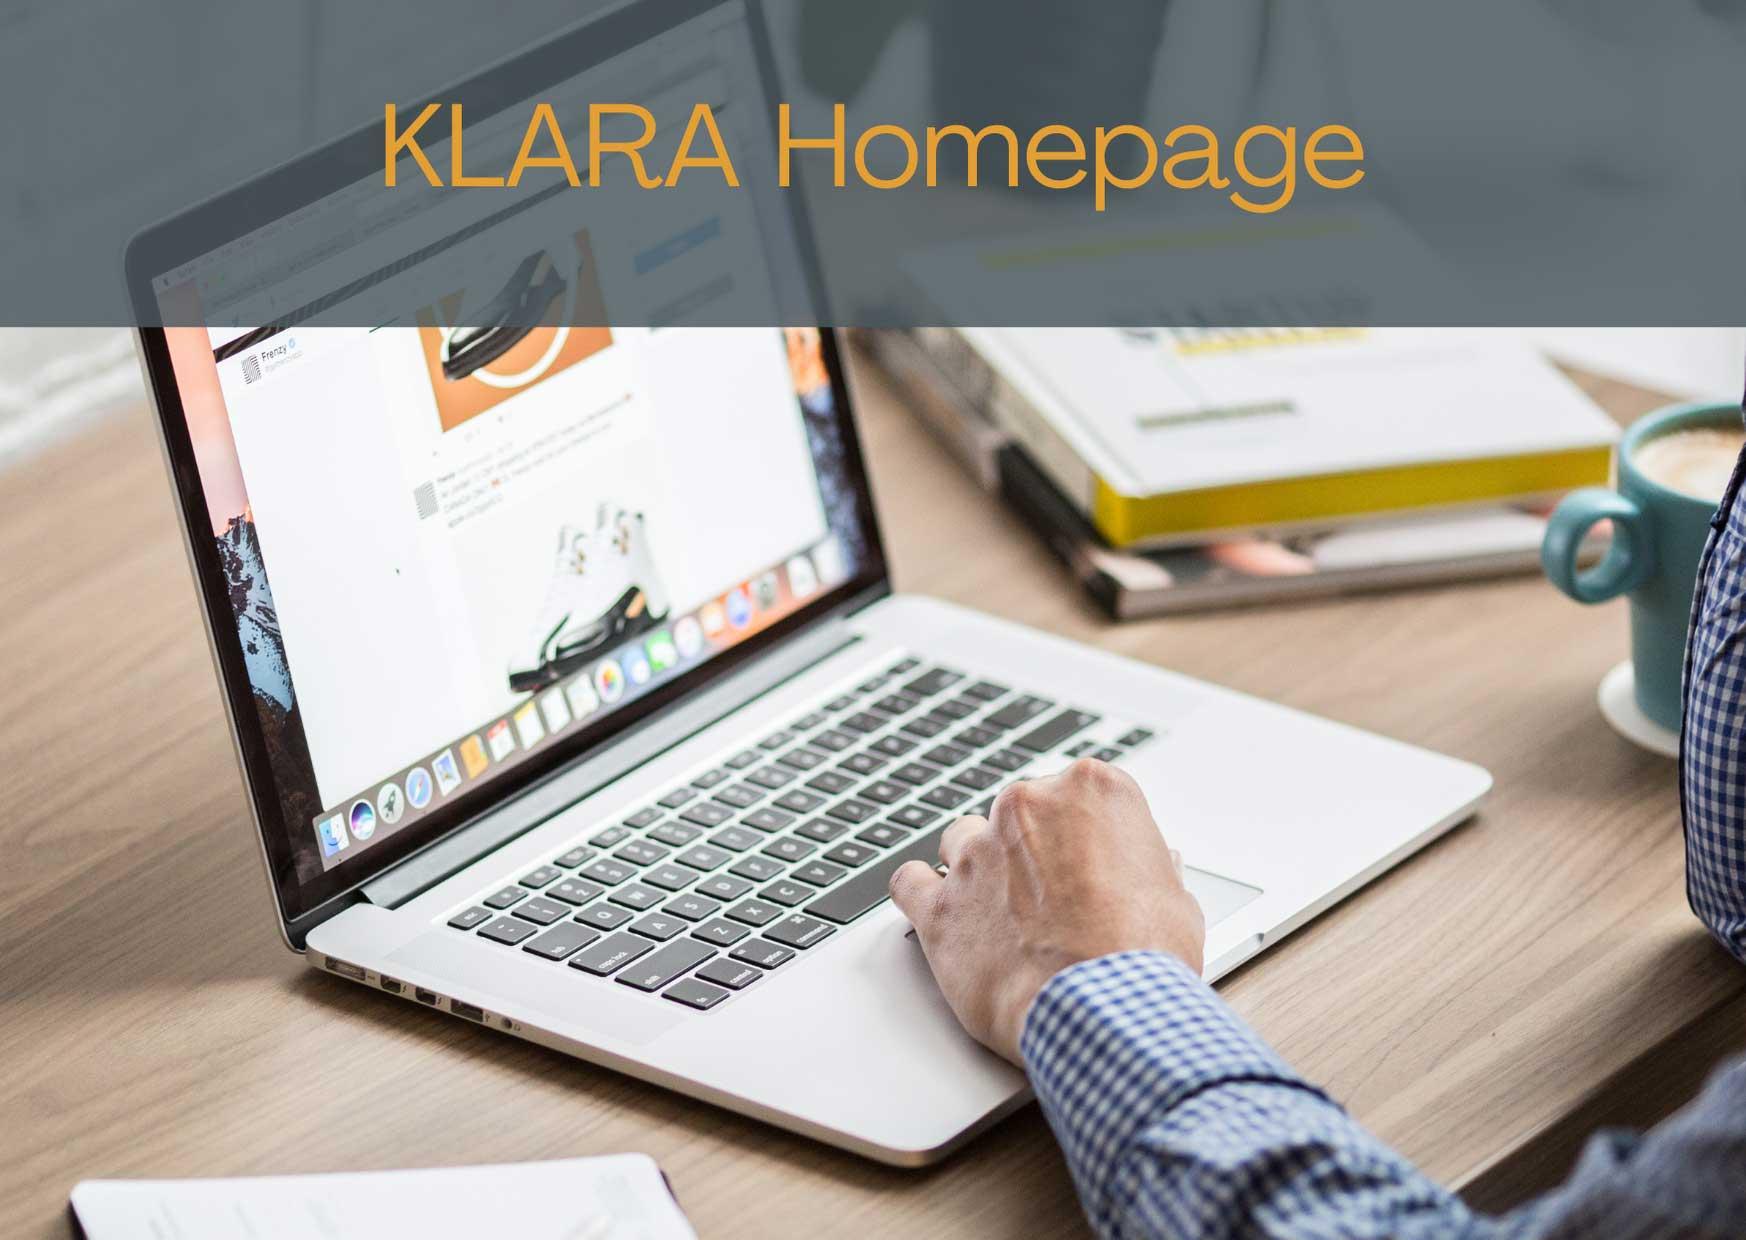 homepage_produktbild